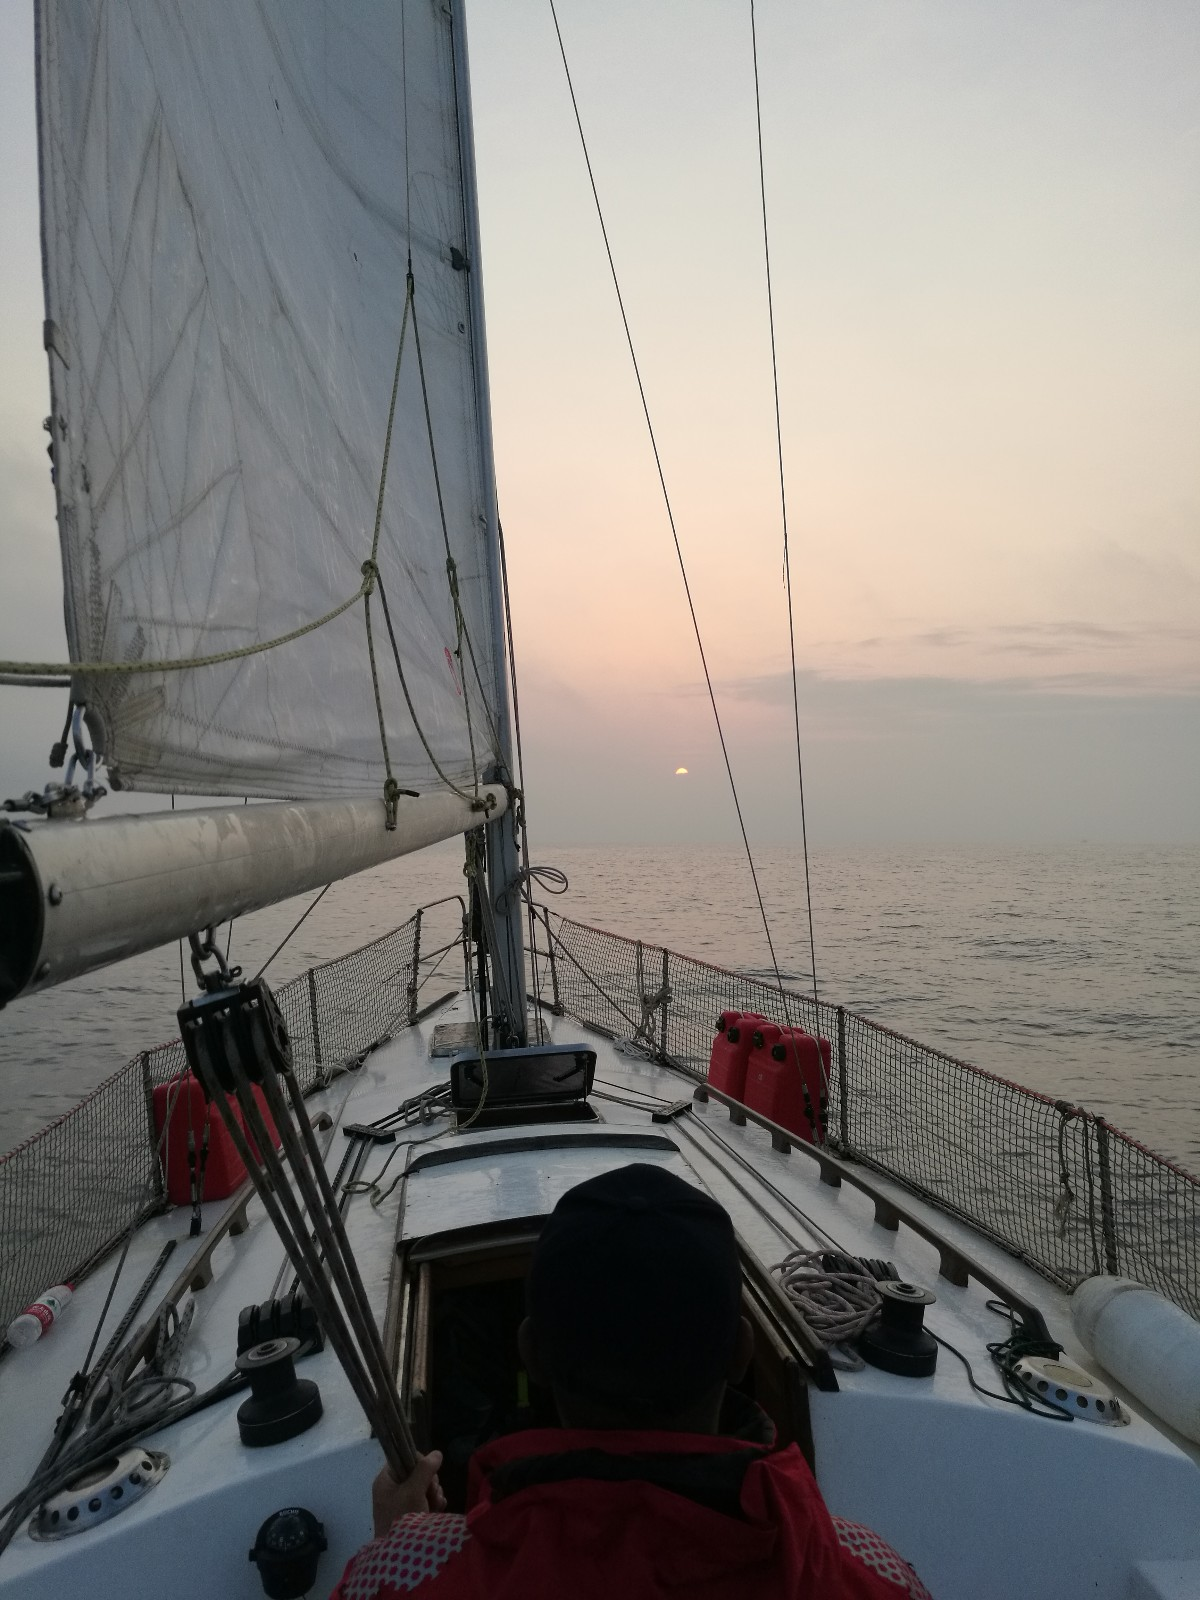 船长,唐山,这里,老刘,大哥 长风破浪会有时,直挂云帆济沧海——唐山号返航记(上篇)  161439hgudvhm8